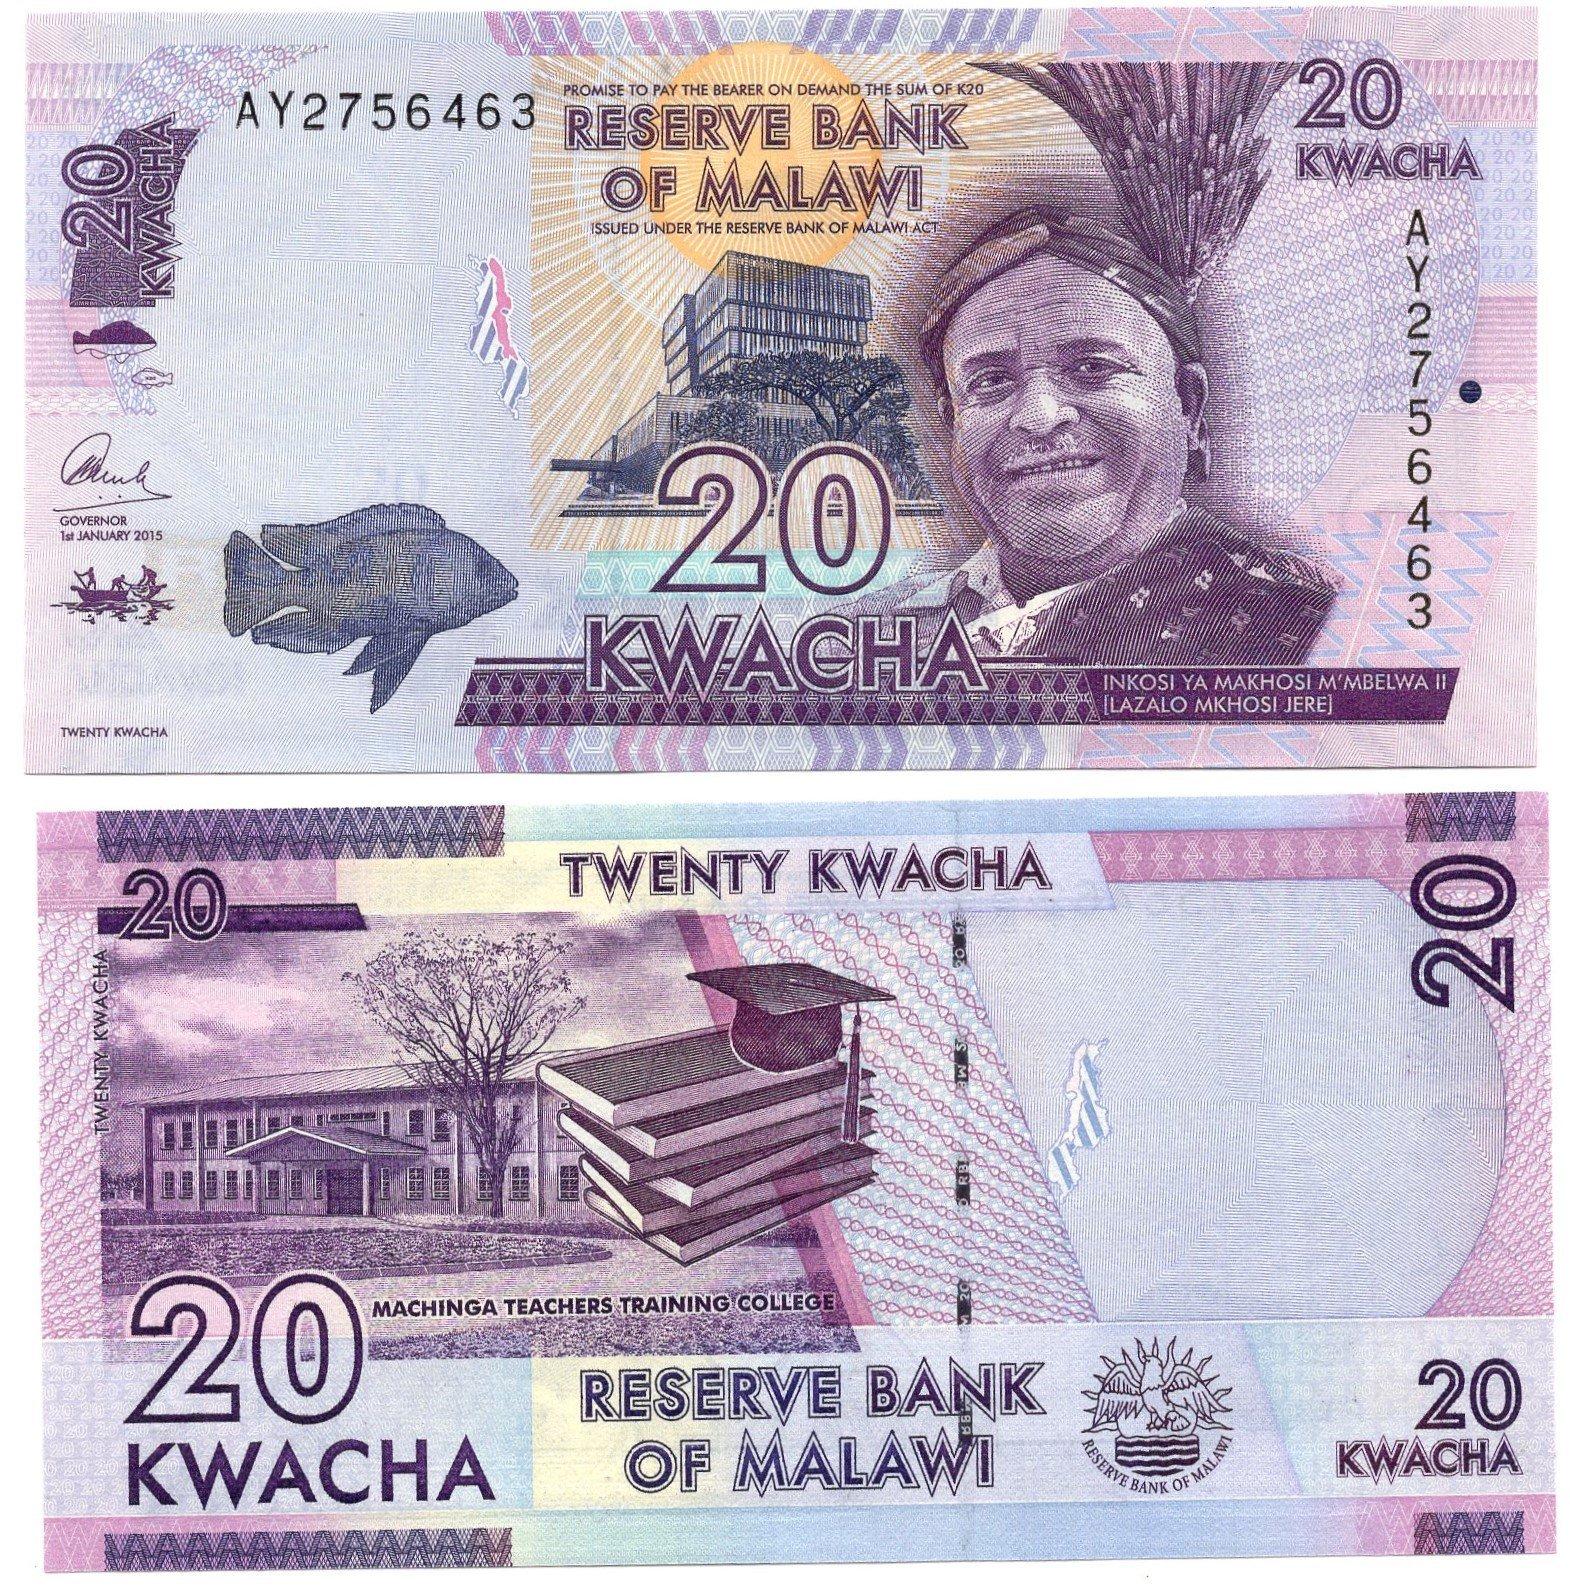 Malawi 20 kwacha 2015